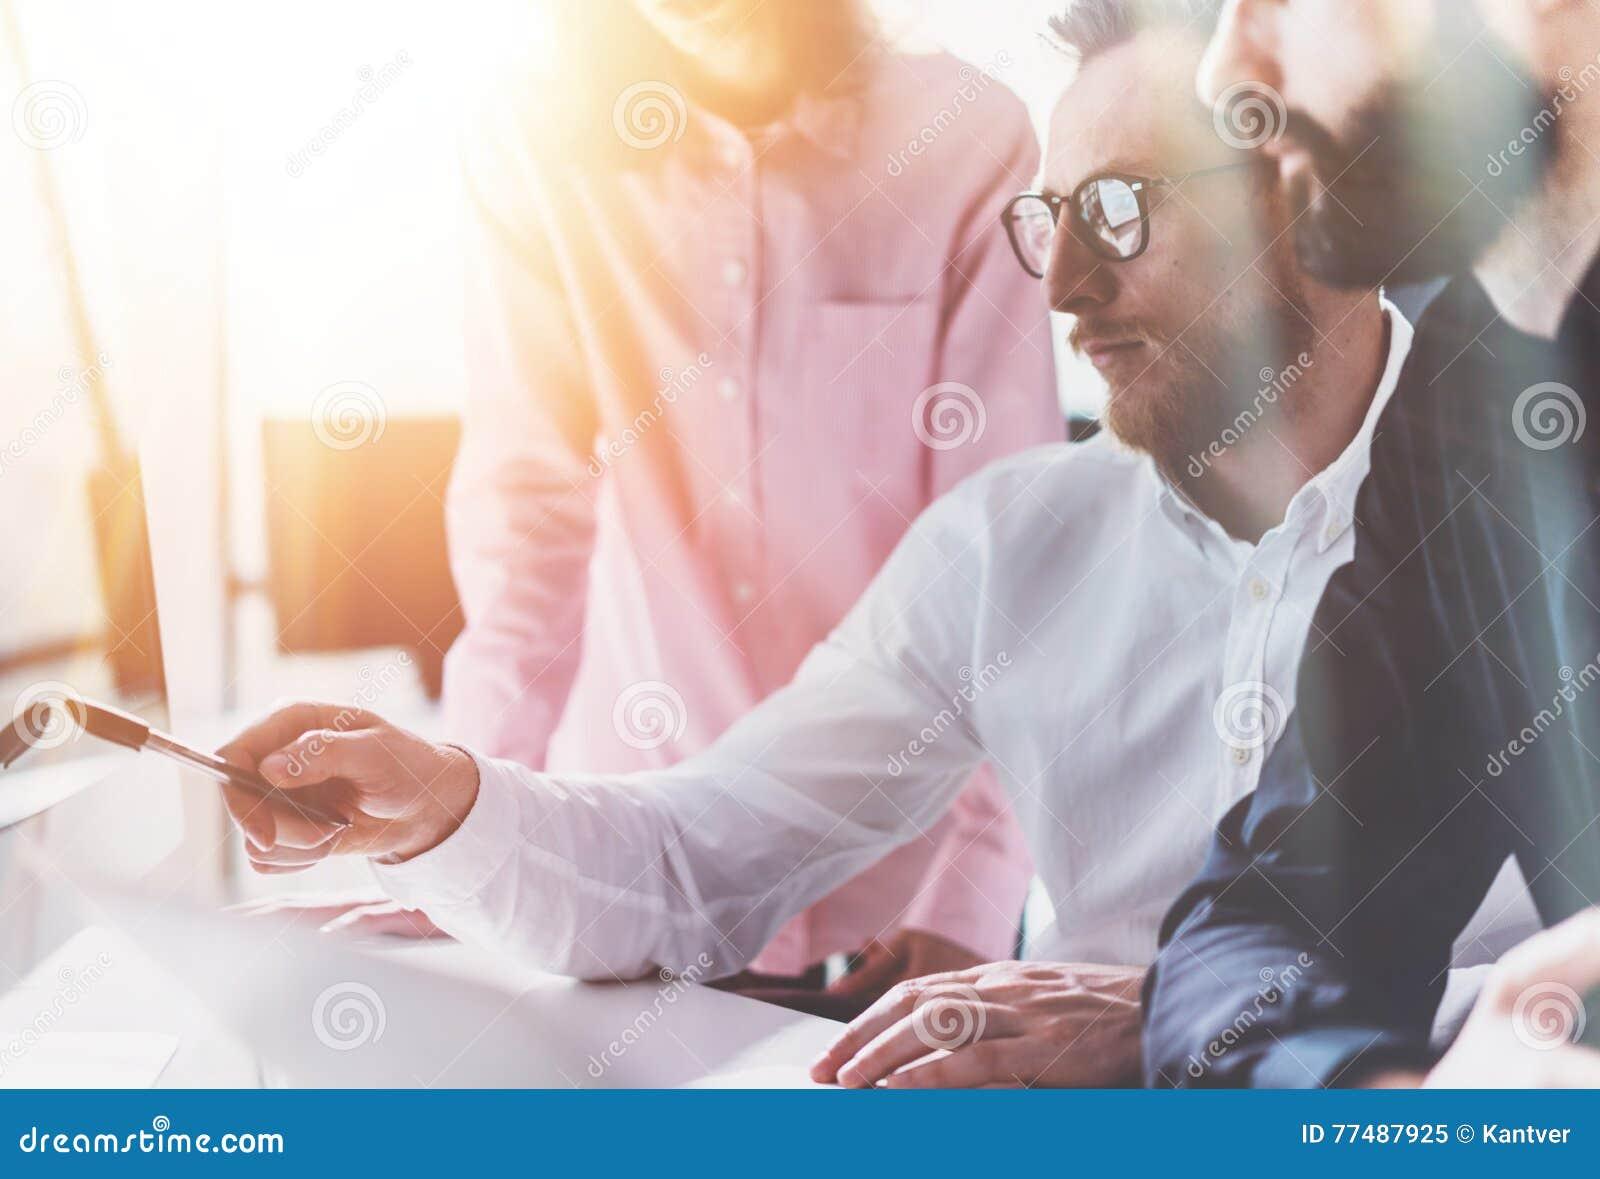 Medewerkers Commercieel Vergaderingsproces Sunny Modern Office Het schaak stelt bischoppen voor Groepsjongeren die samen Opstarte